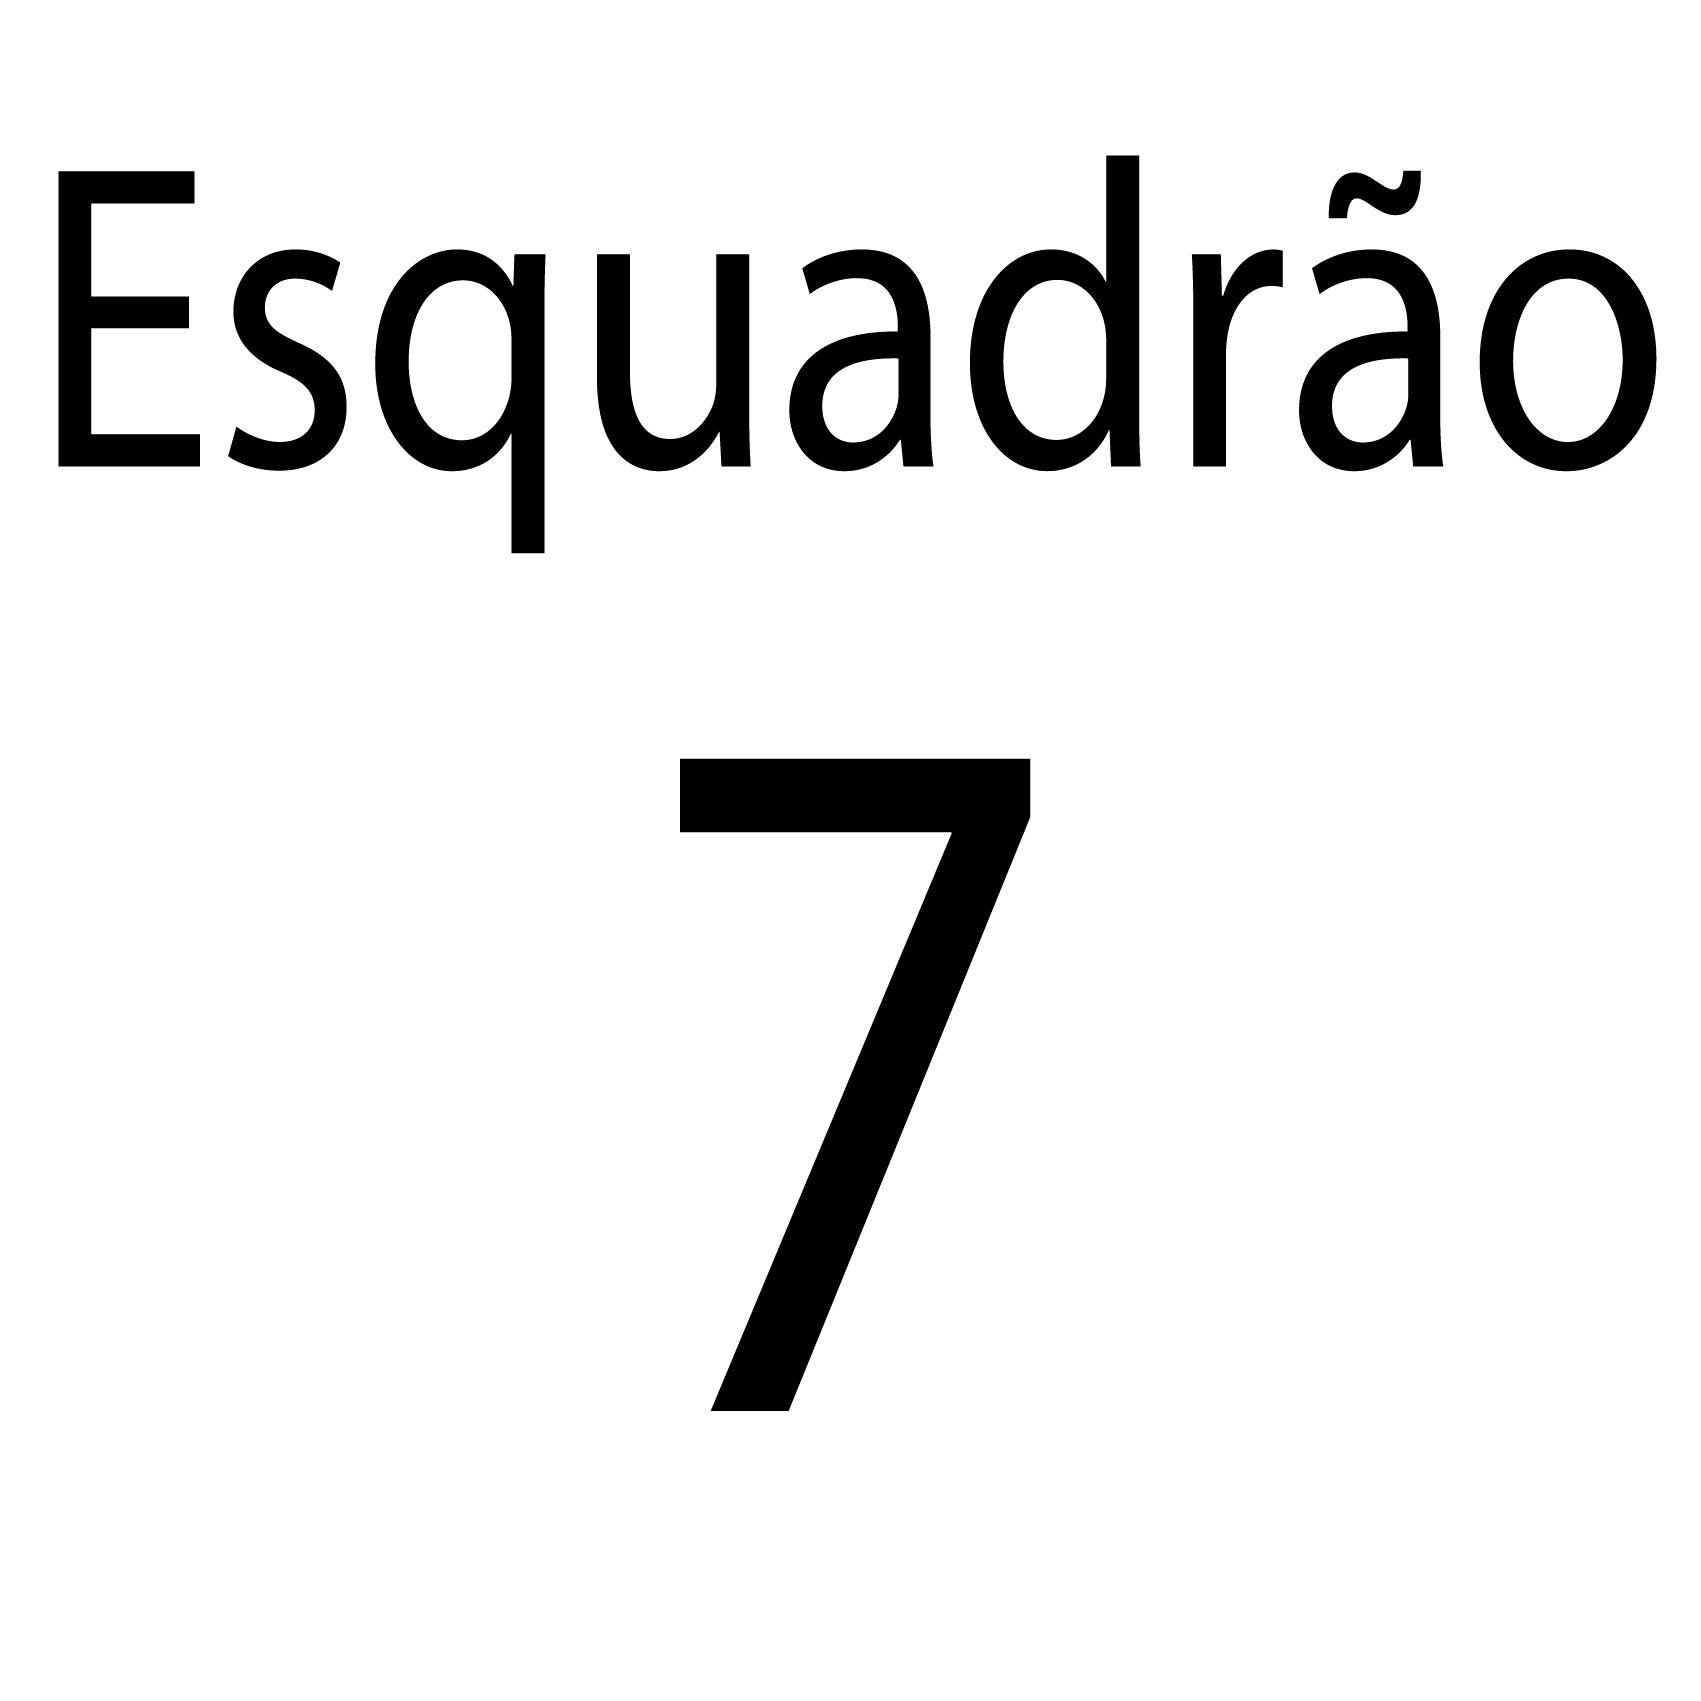 Esquadrão 7